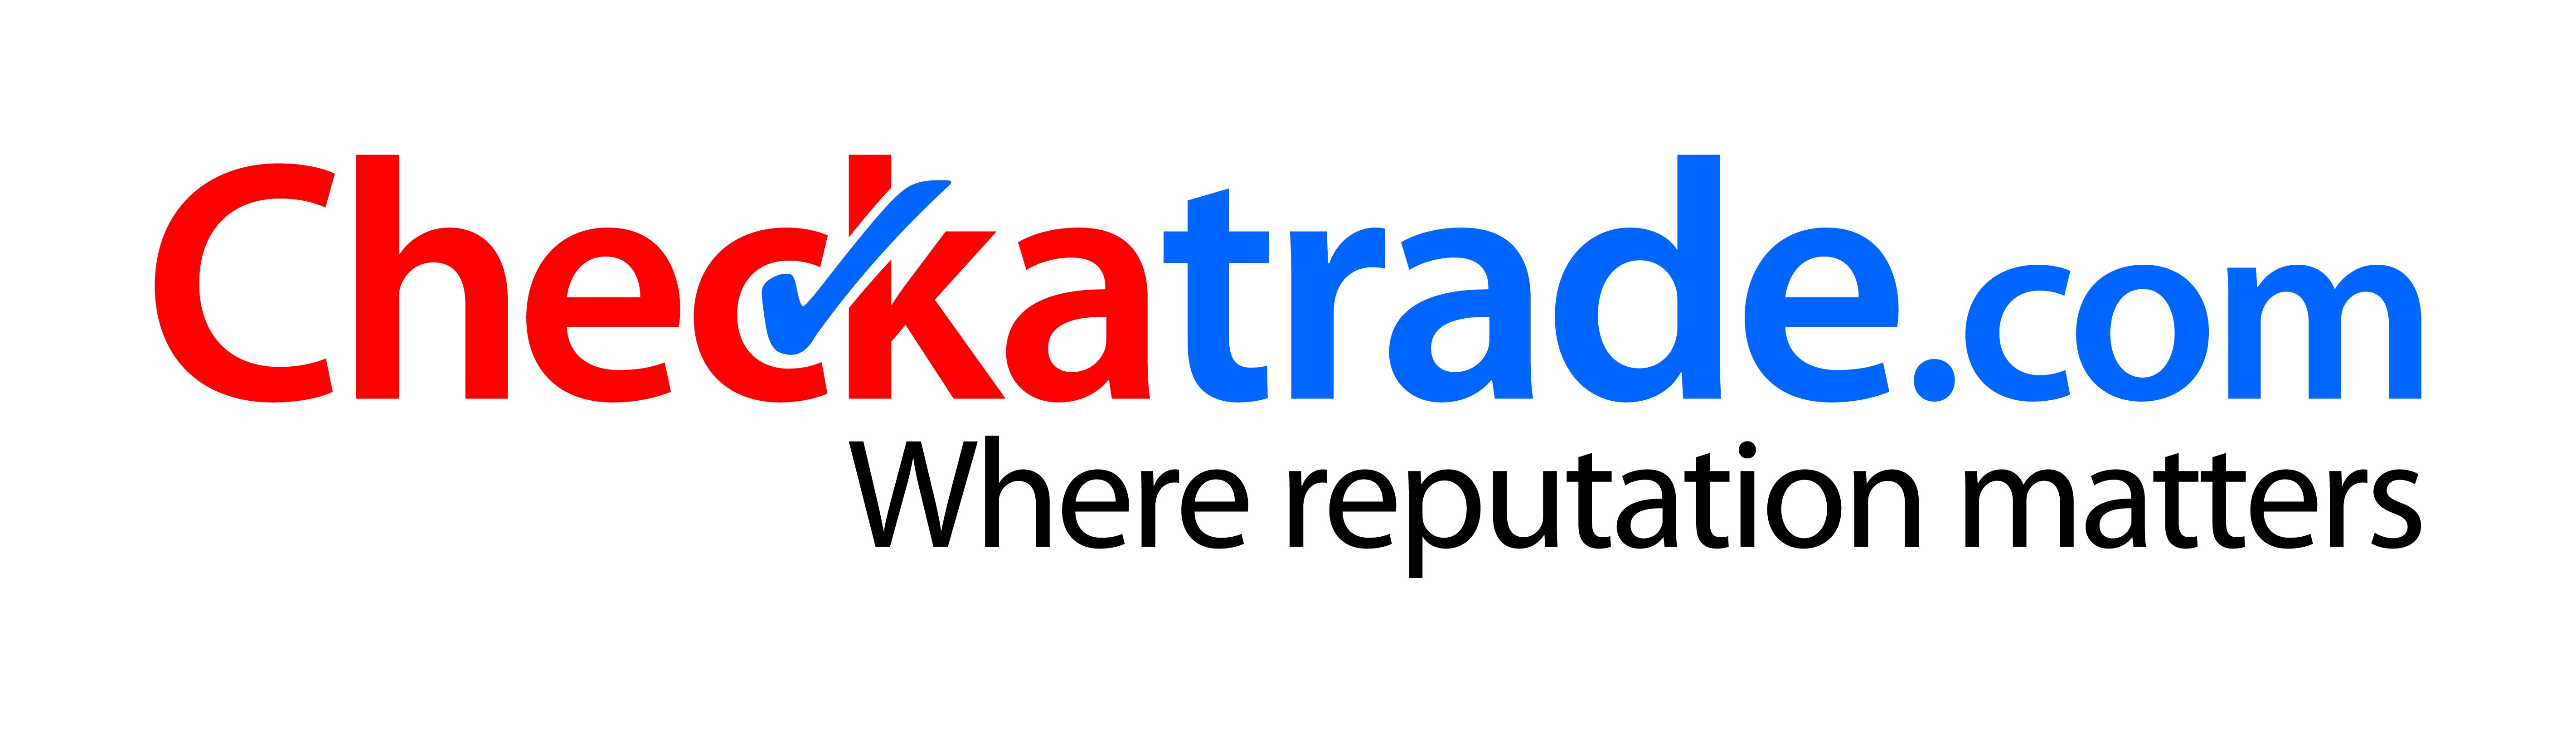 checkatrade